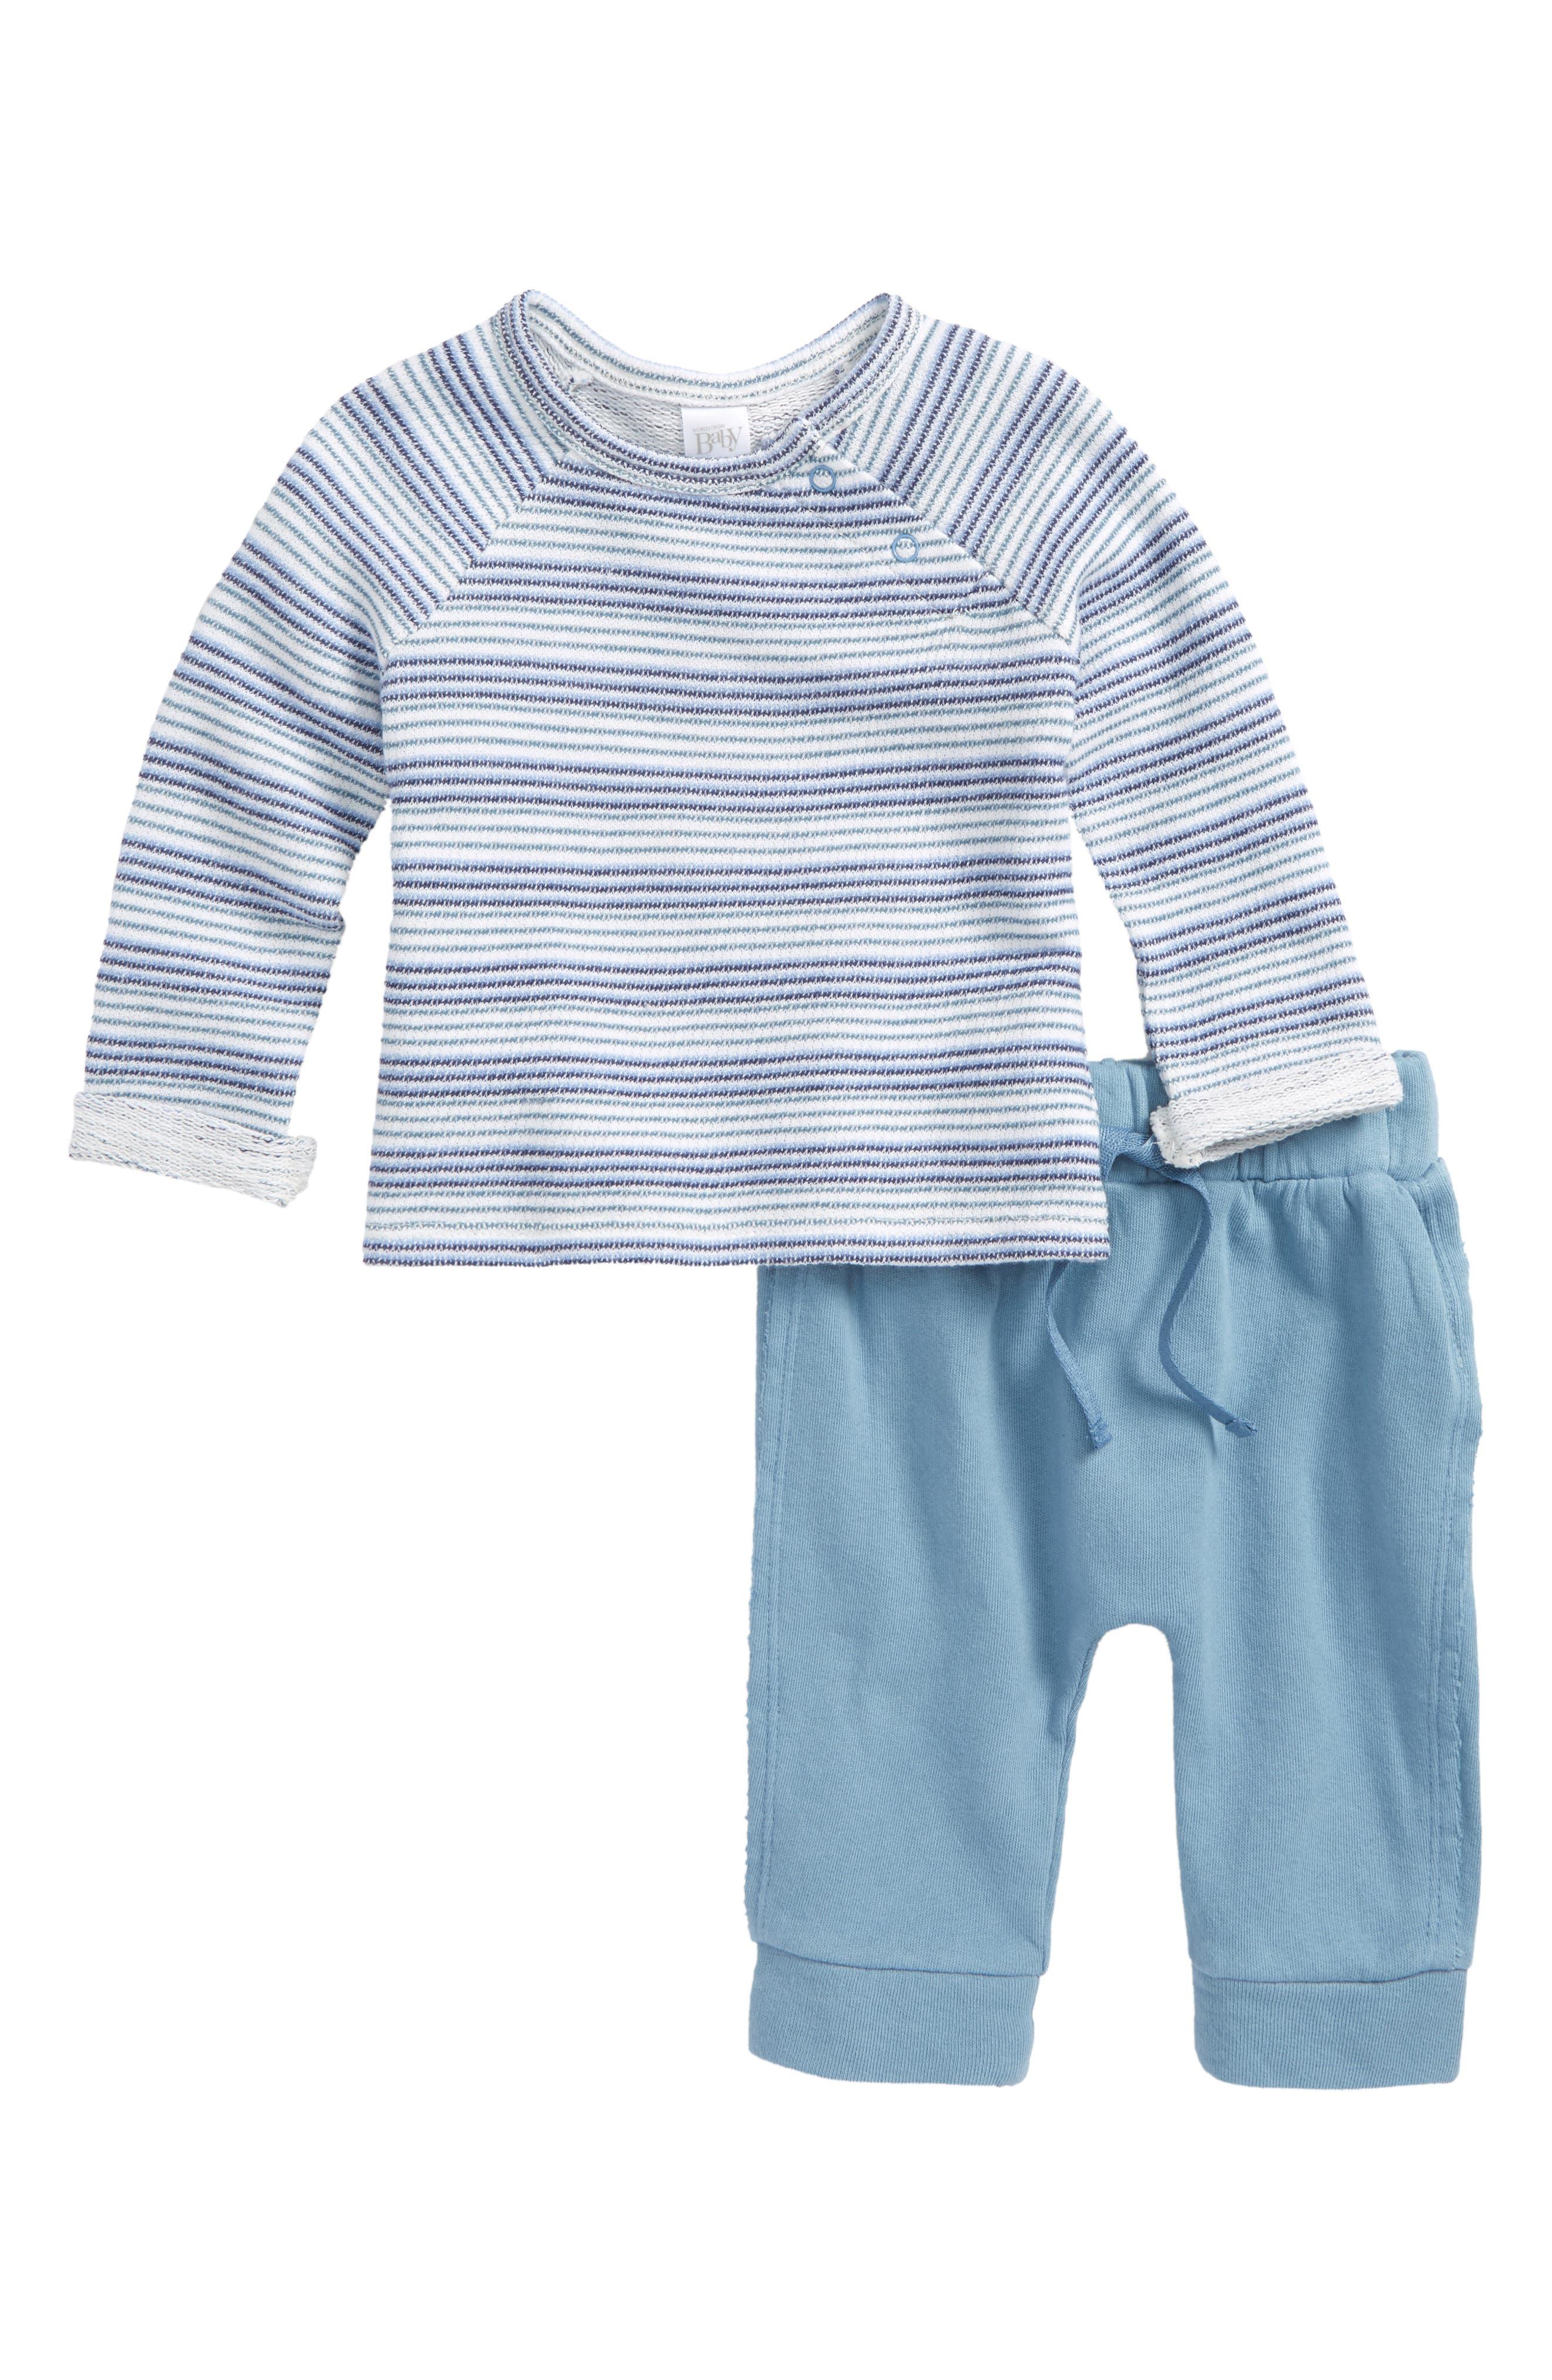 Knit Top & Pants Set,                             Main thumbnail 1, color,                             Blue Captain Beach Stripe